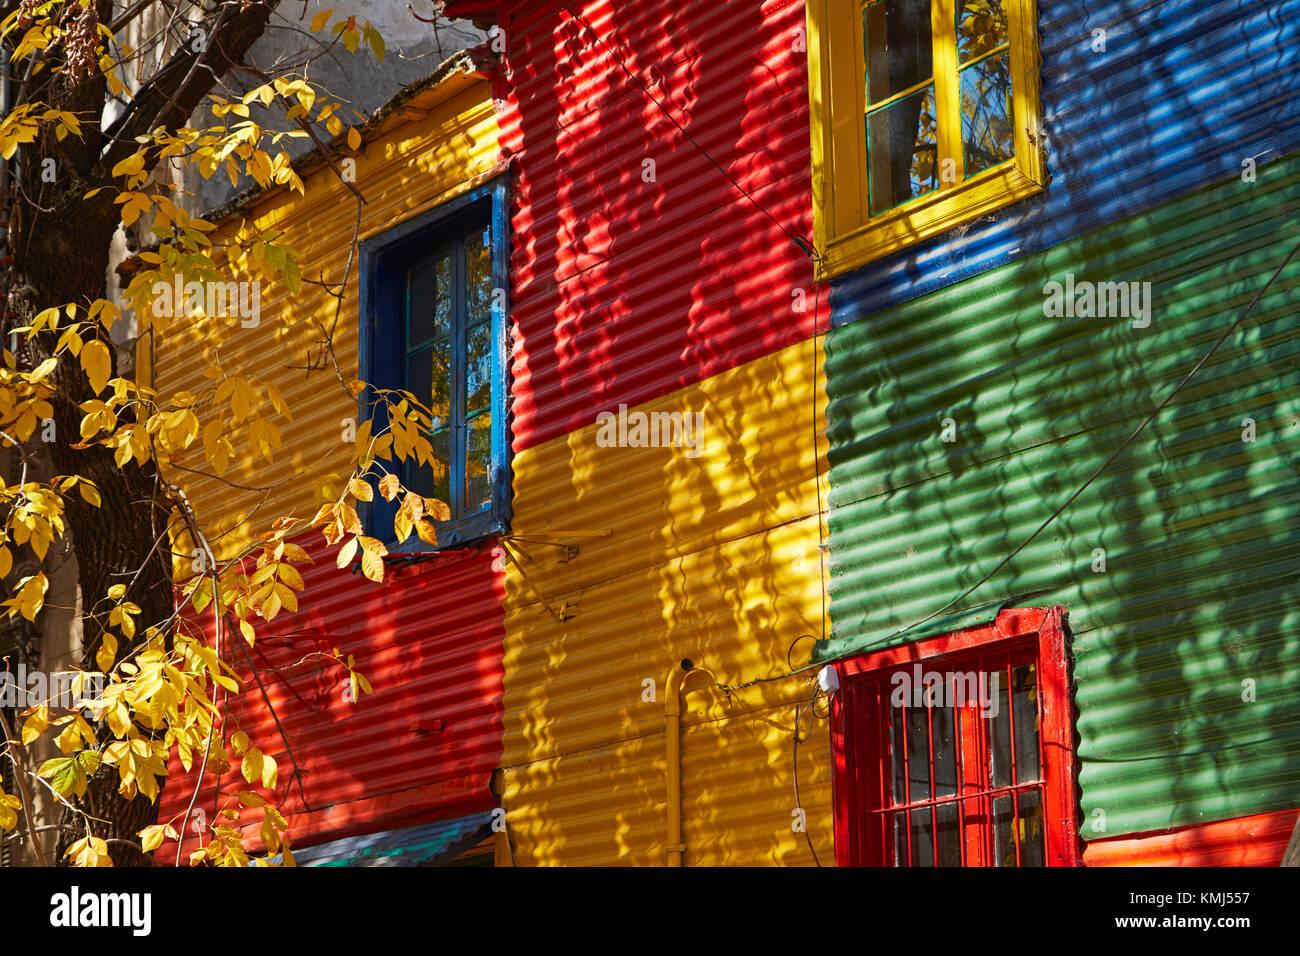 Colorate di ferro ondulato edifici, La Boca, Buenos Aires, Argentina, Sud America Immagini Stock